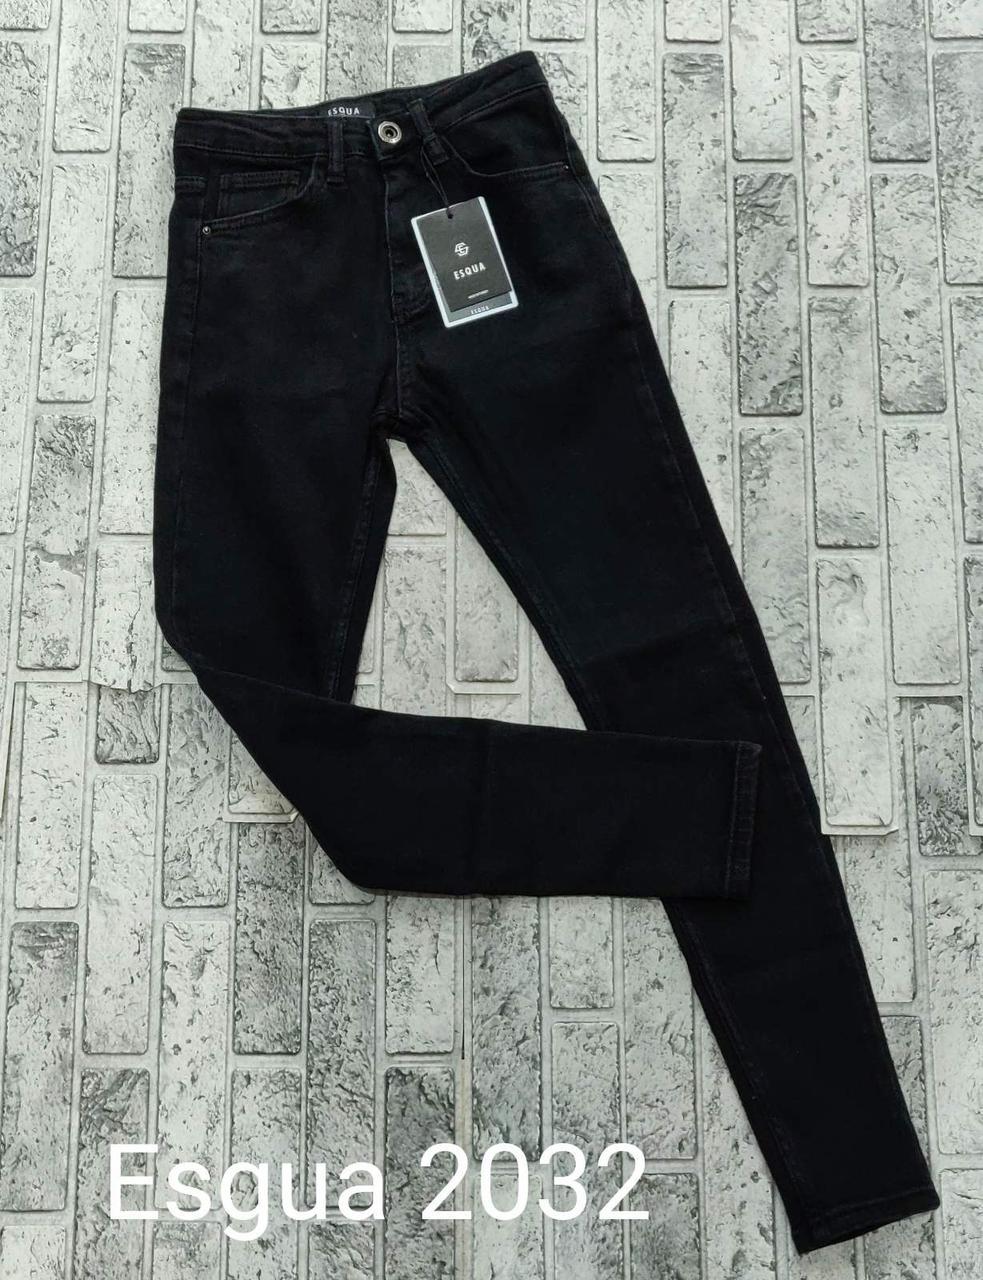 Турецкие стрейч джинсы американка Esqua 2032 (26-31)